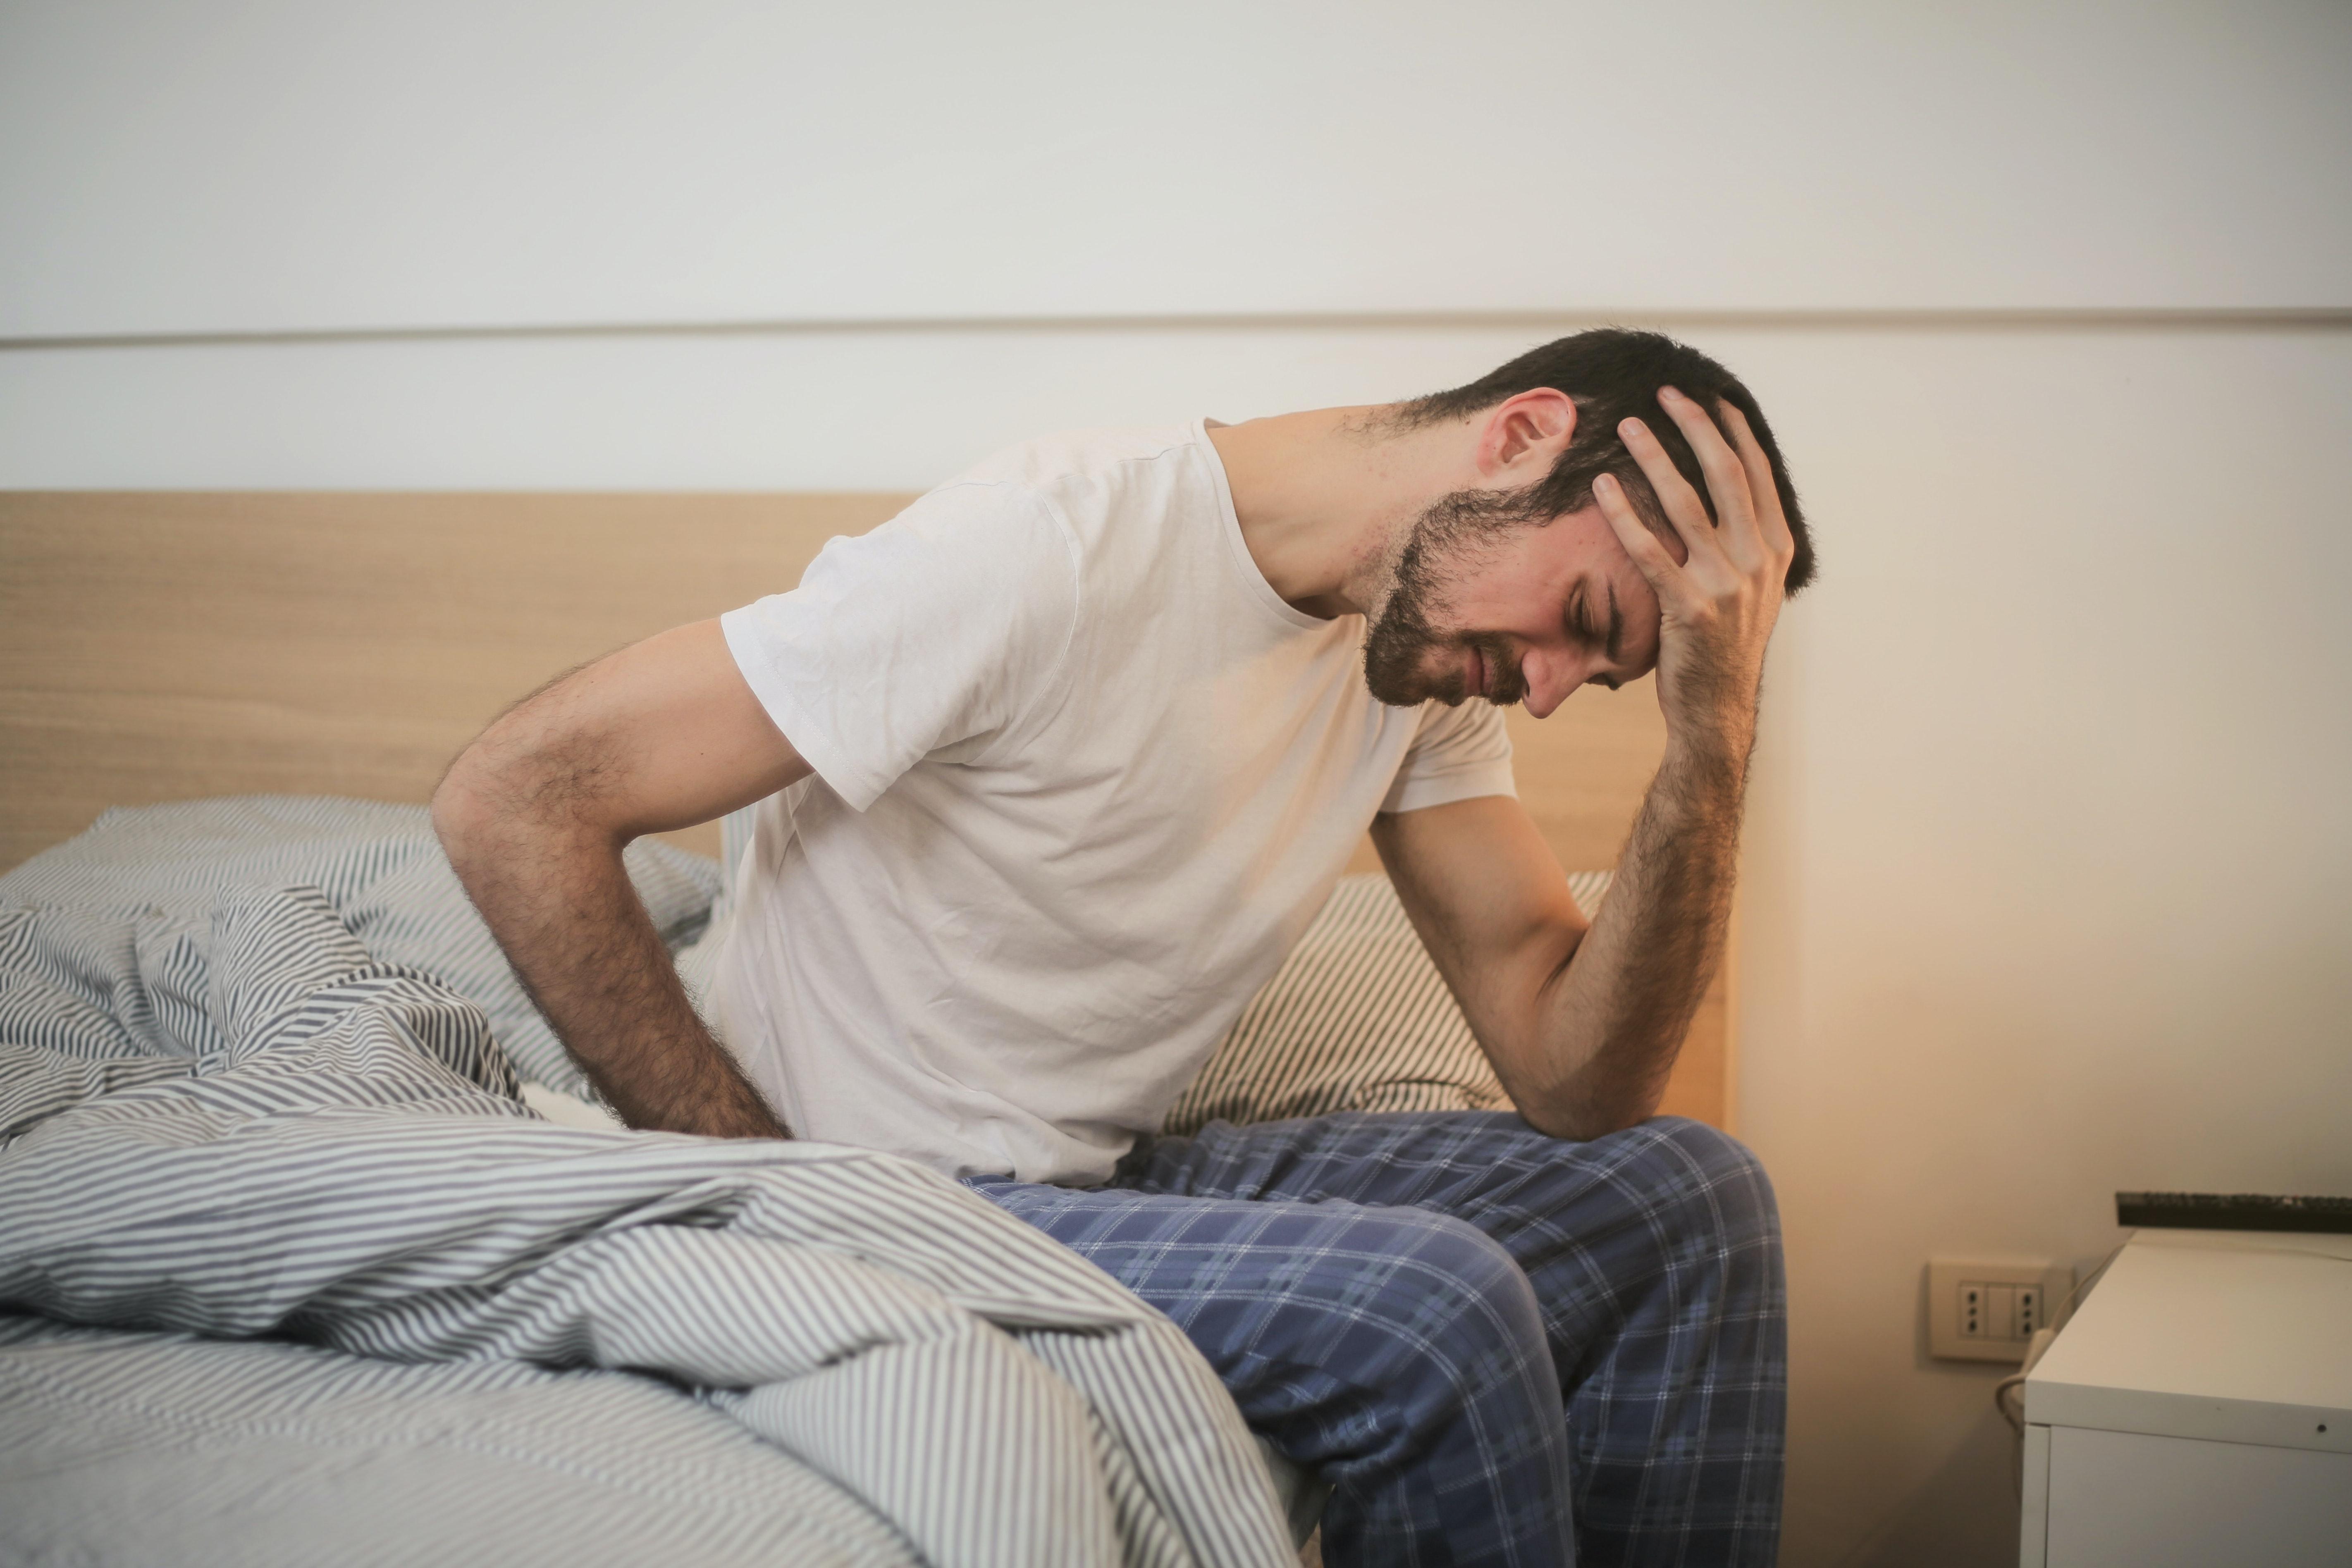 Comment bien dormir durant le confinement ?